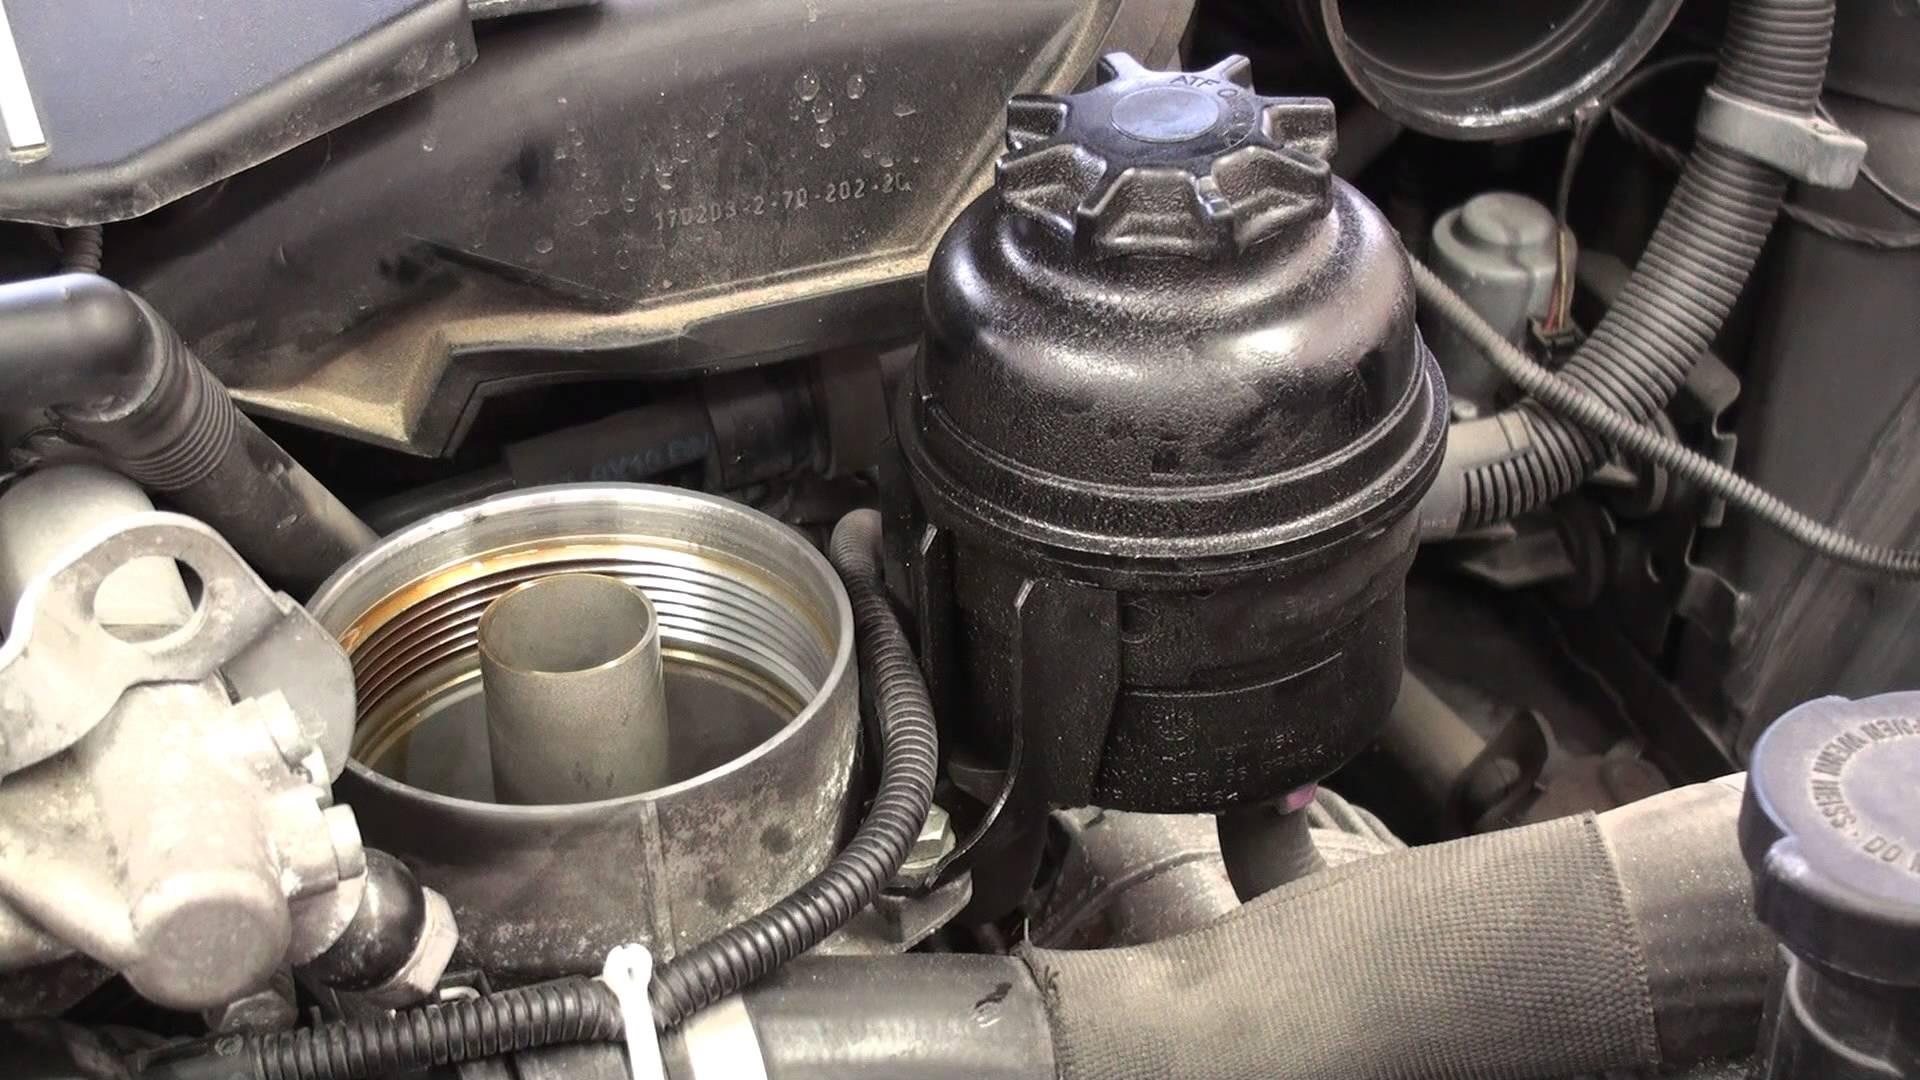 Bmw E46 Engine Diagram Bmw E46 Engine Oil and Filter Change Of Bmw E46 Engine Diagram